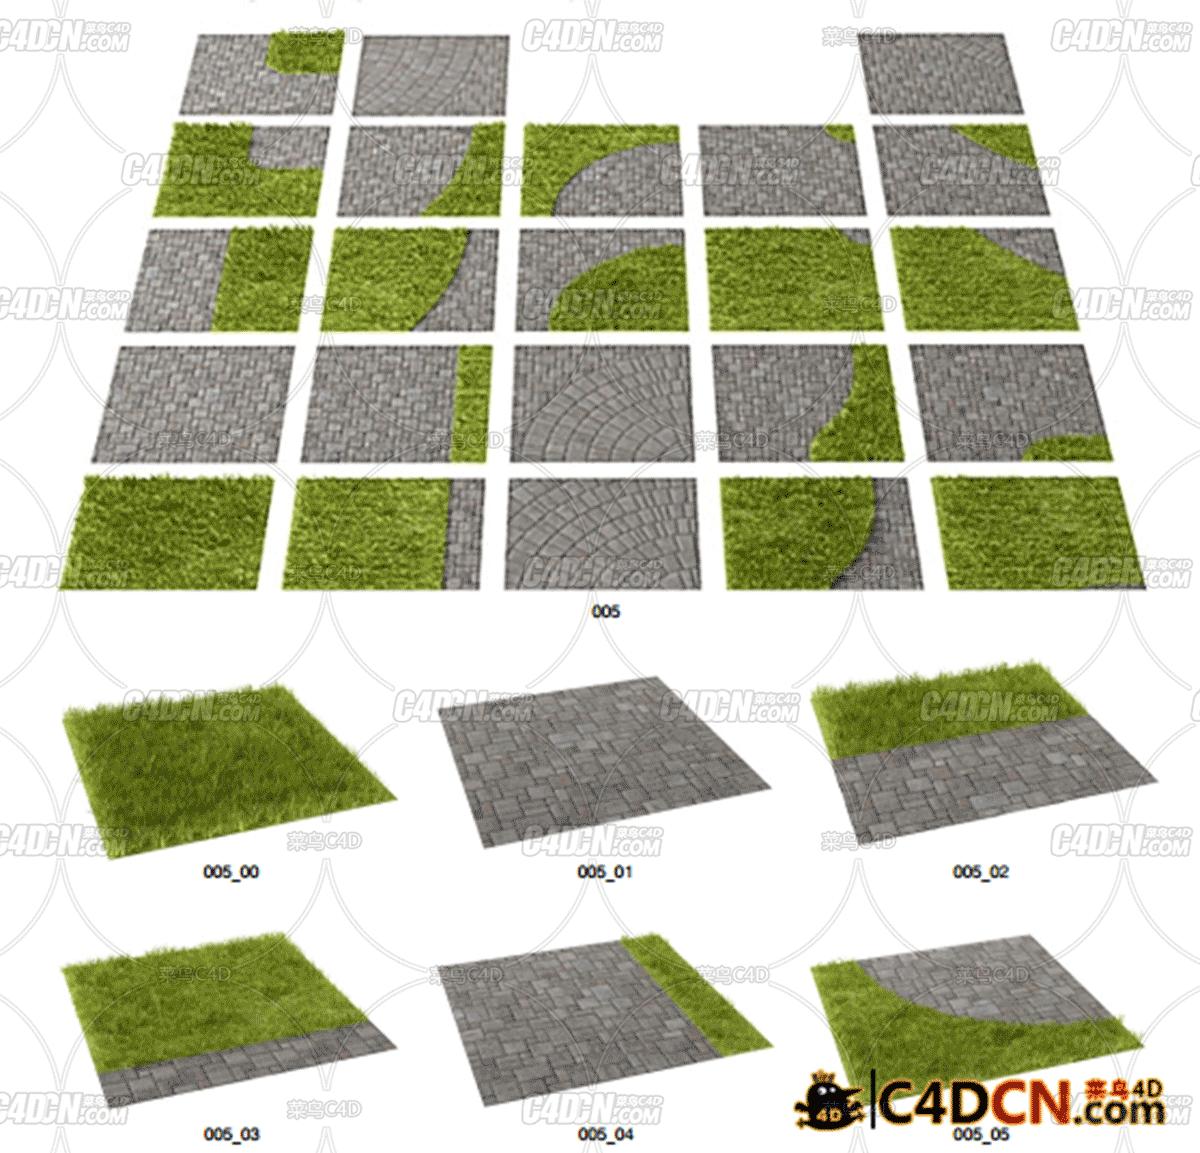 C4D草地 石铺路 台阶模型合集C4D ArchModels Vol 63